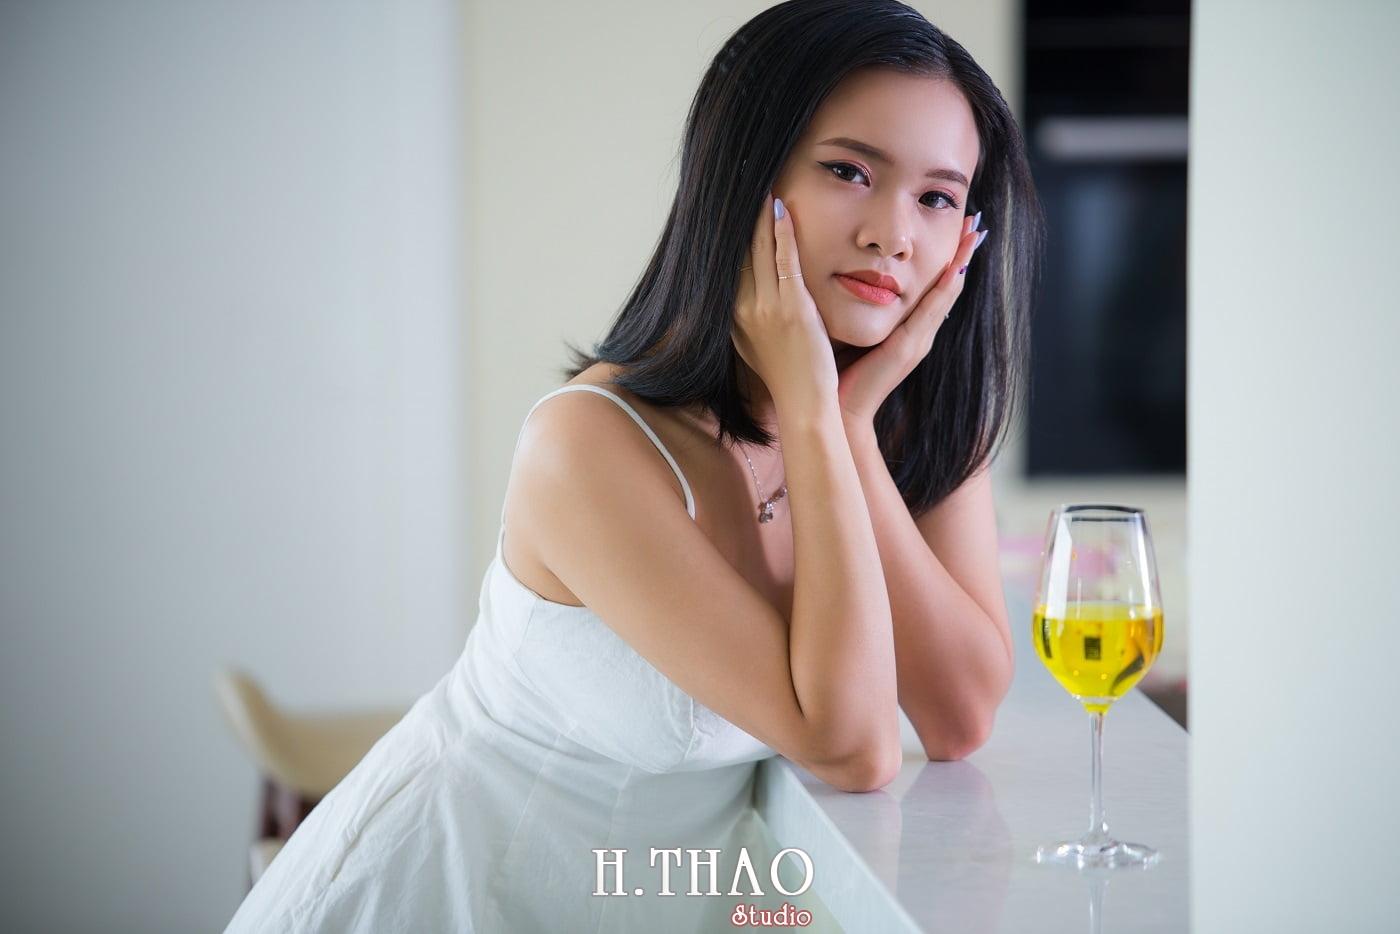 Anh chi Ngoc 89 min - Góc ảnh chụp indoor đơn giản mà đẹp – HThao Studio